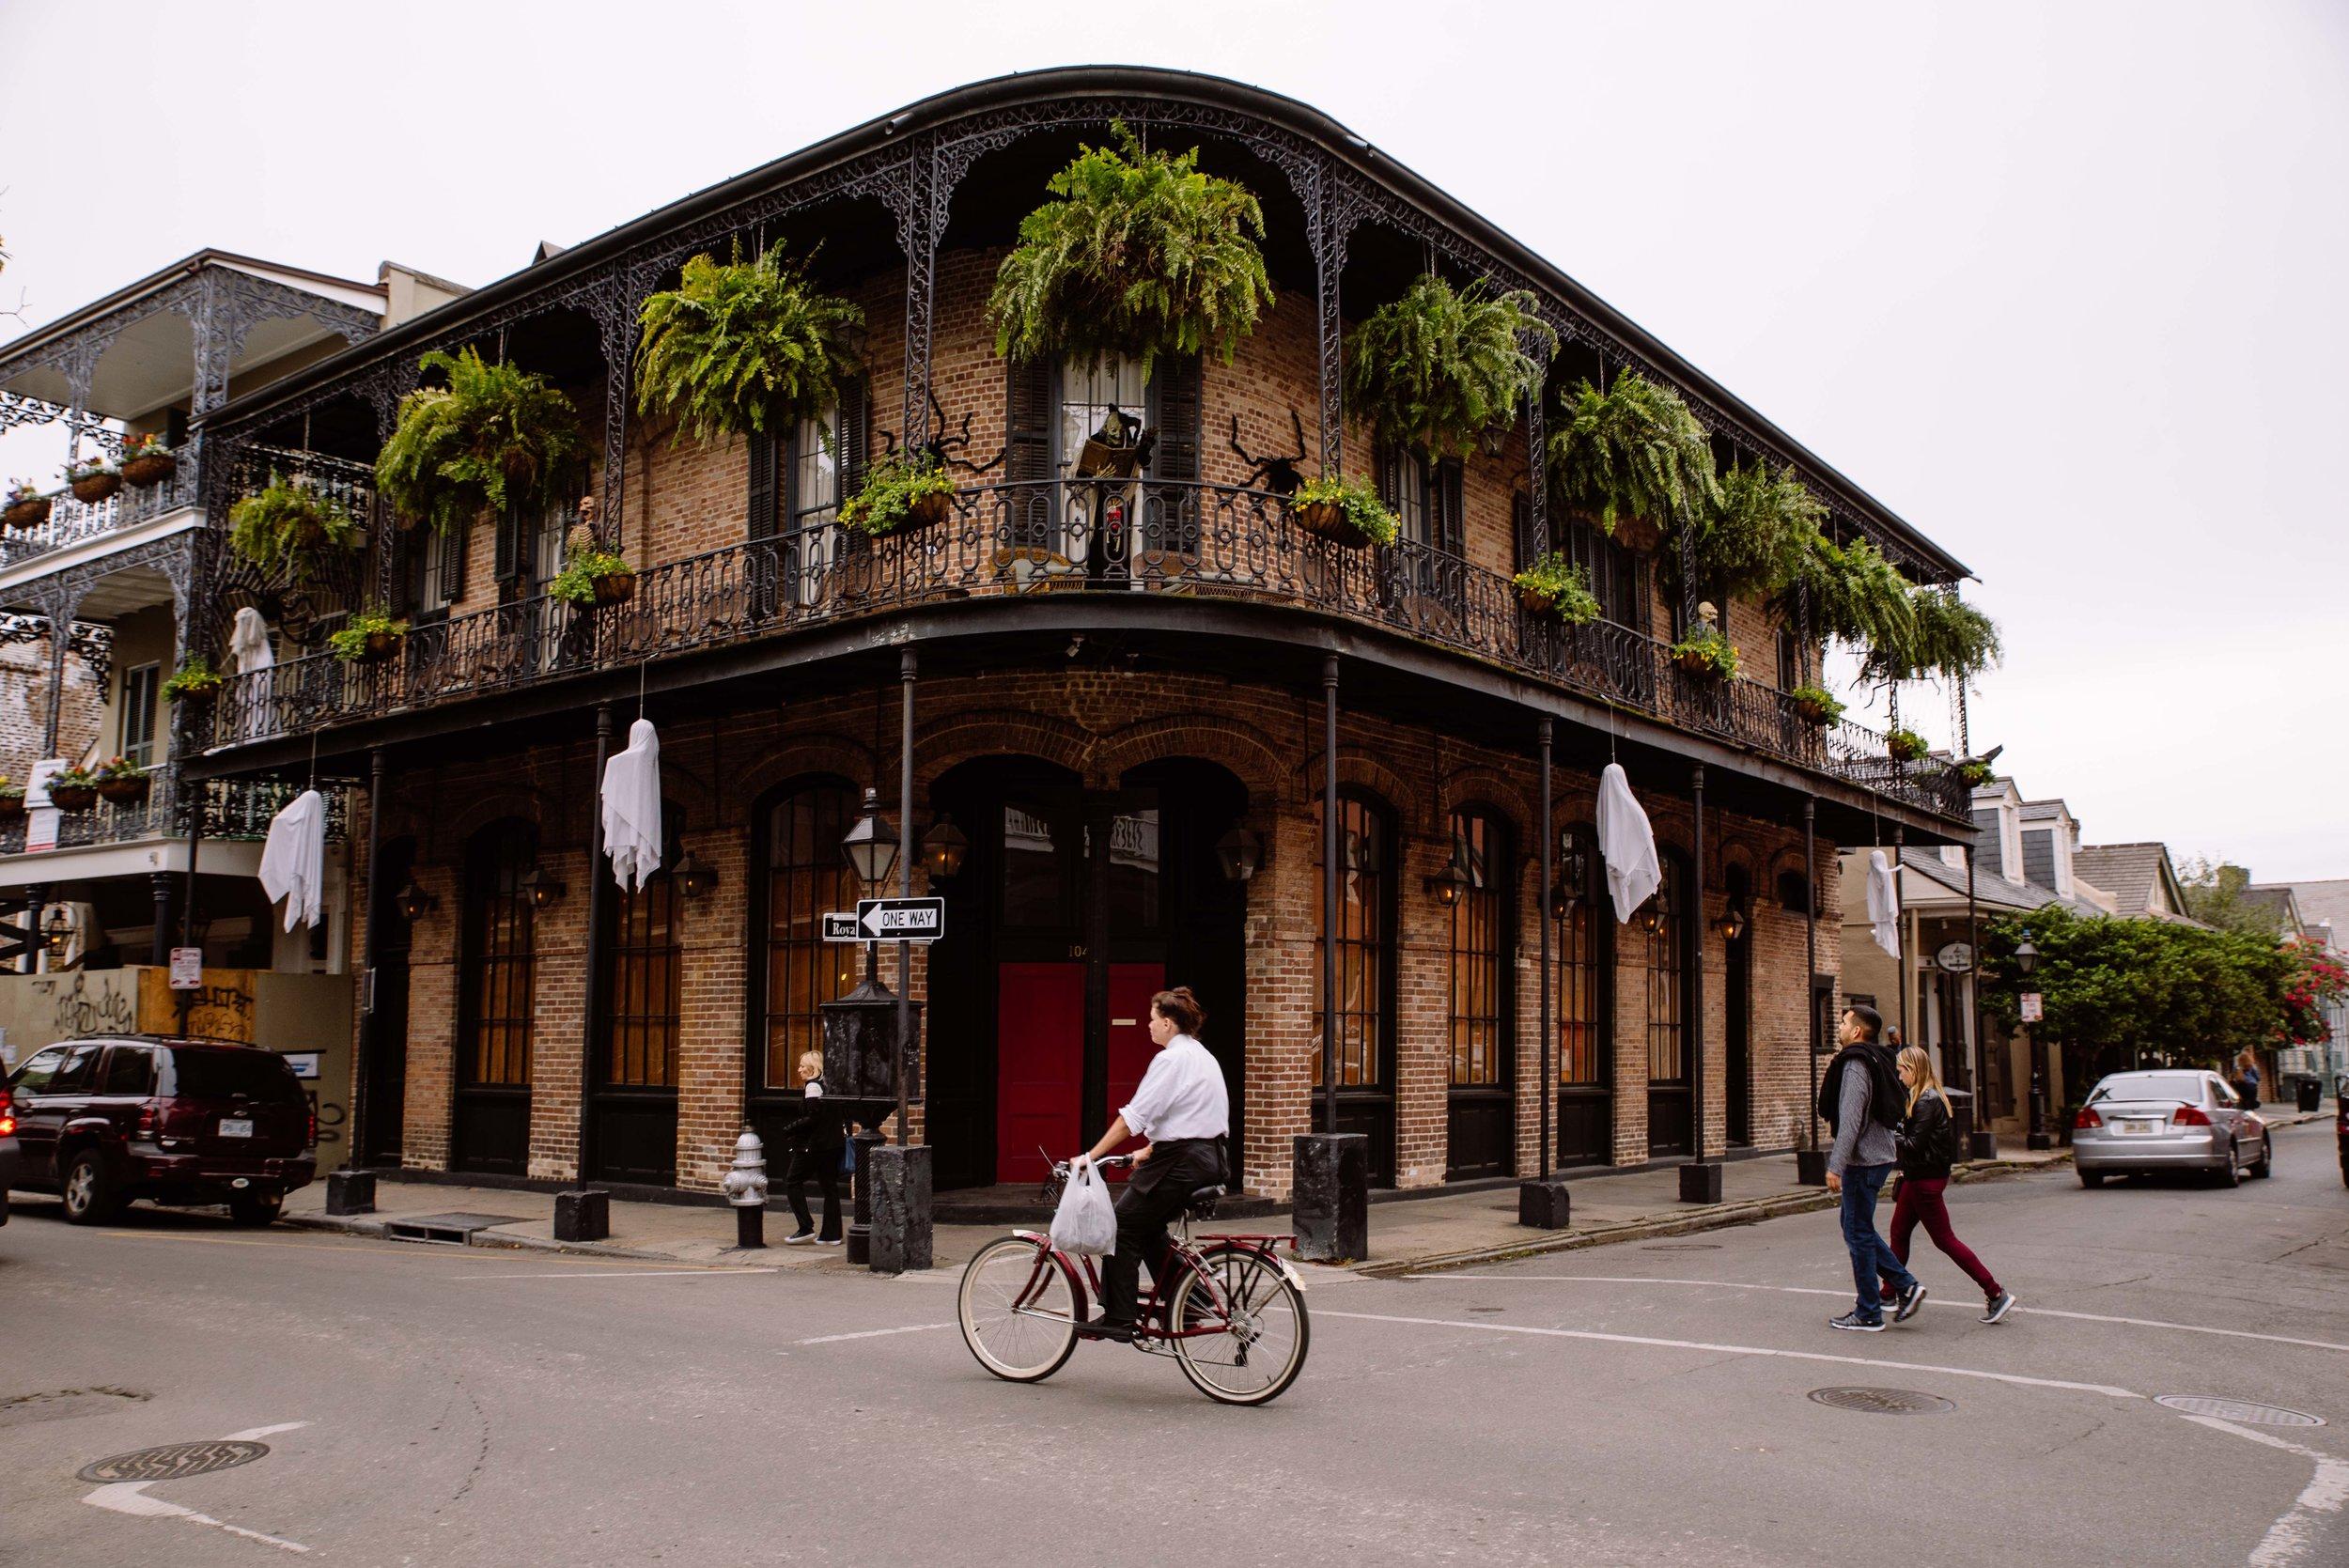 Une rue dans le centre de la Nouvelle-Orléans. Quartier français.